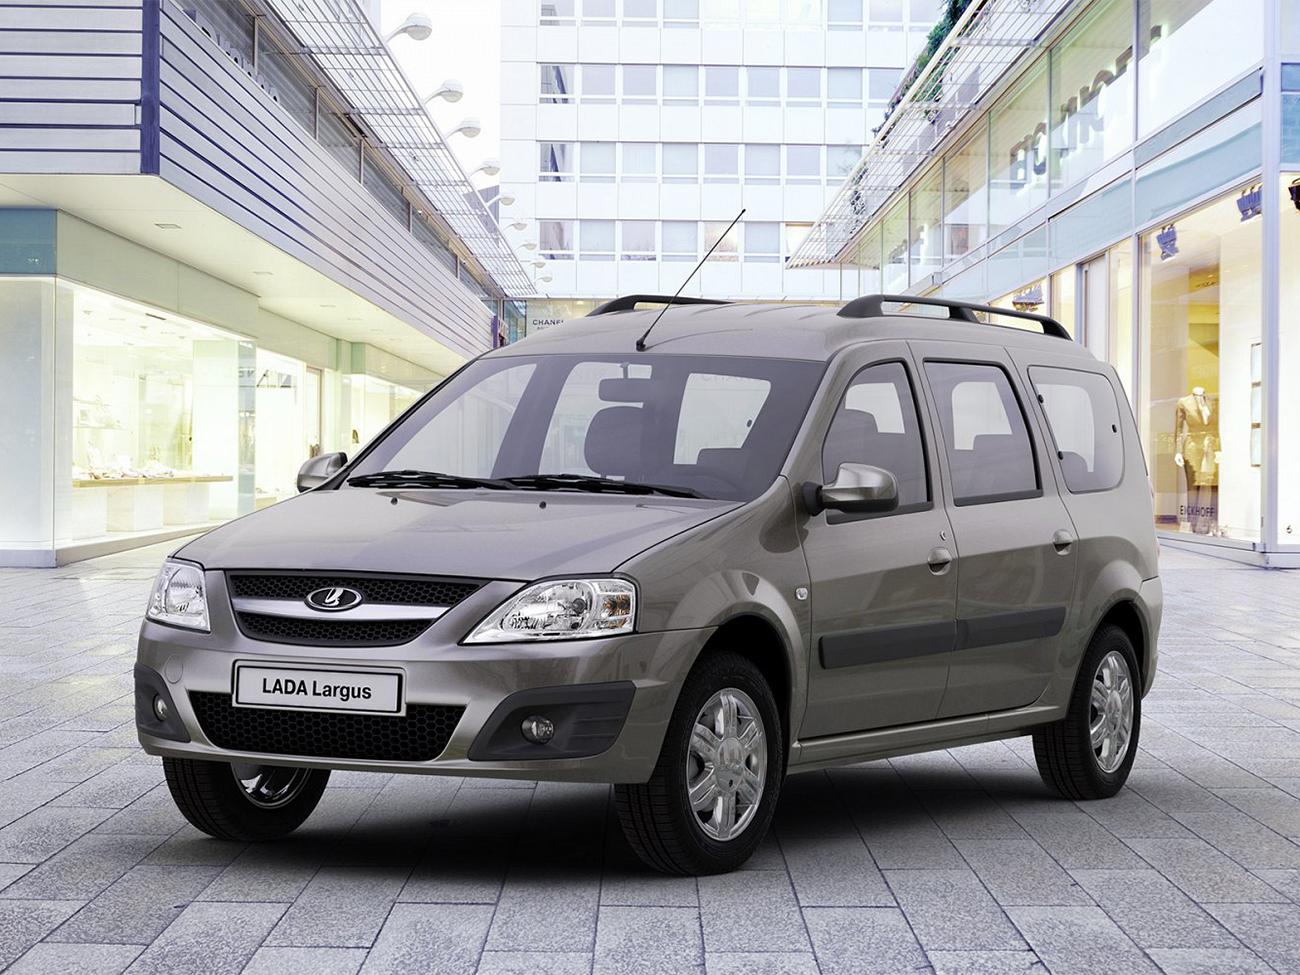 LADA Largus фургон CNG  – Технические характеристики –  Официальный сайт LADA